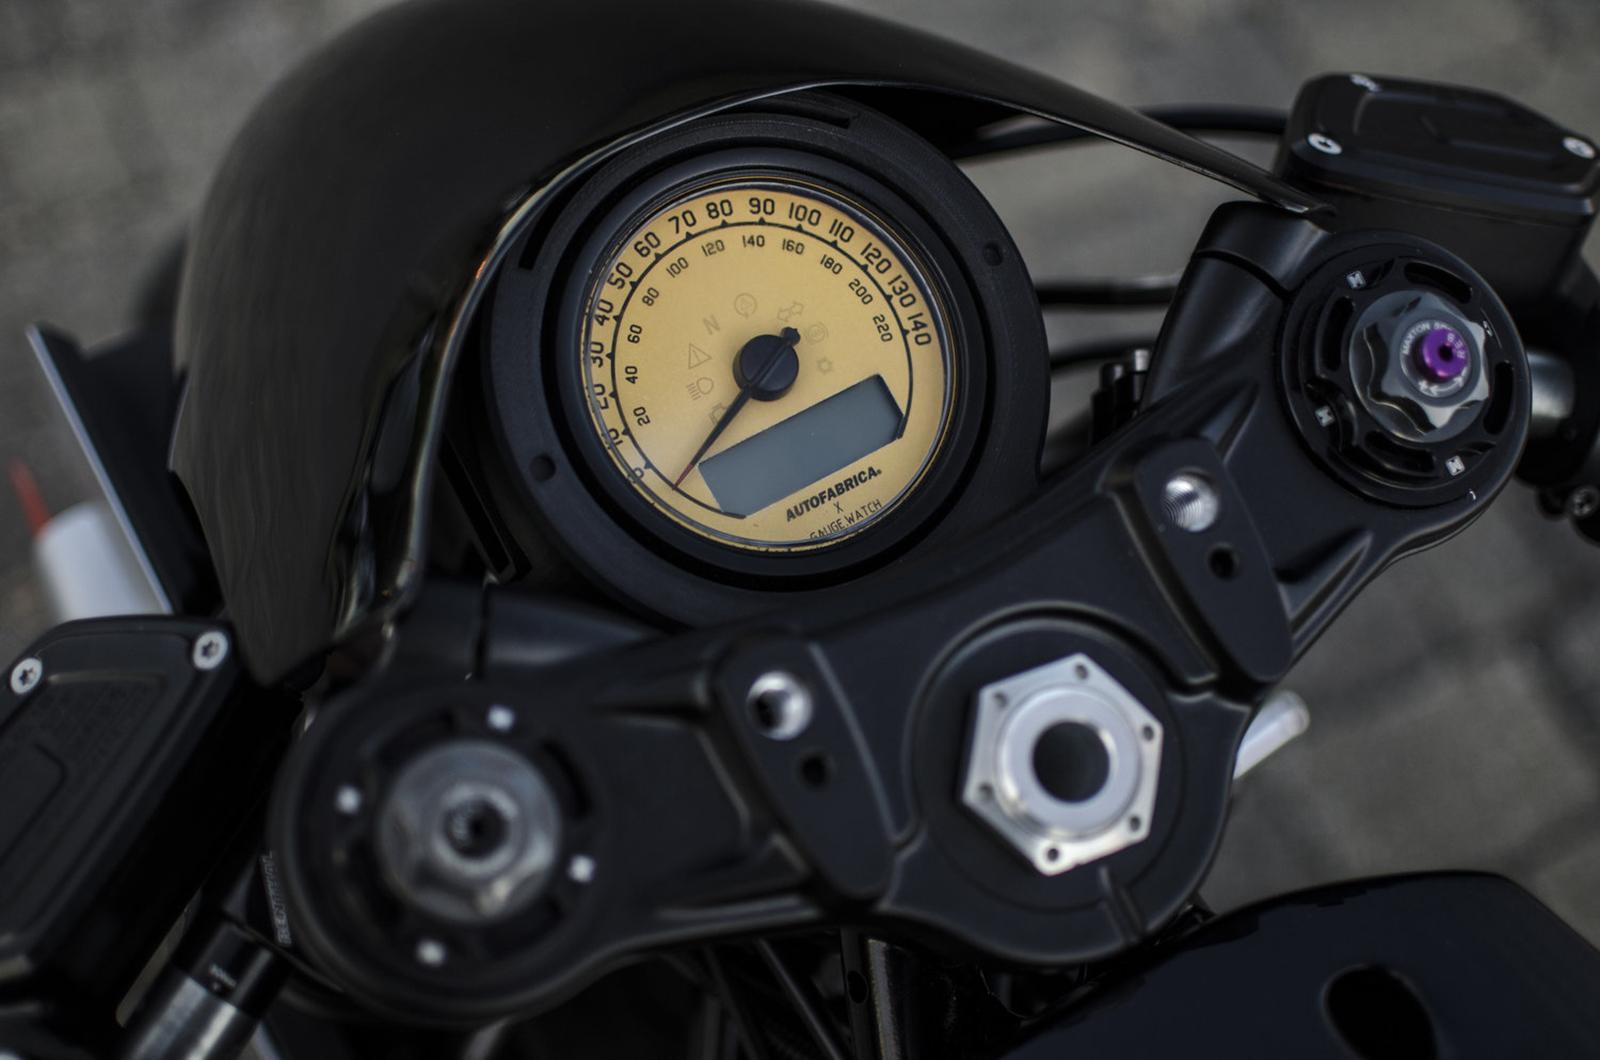 仔細看還會發現儀表上印有Auto Fabrica的字樣